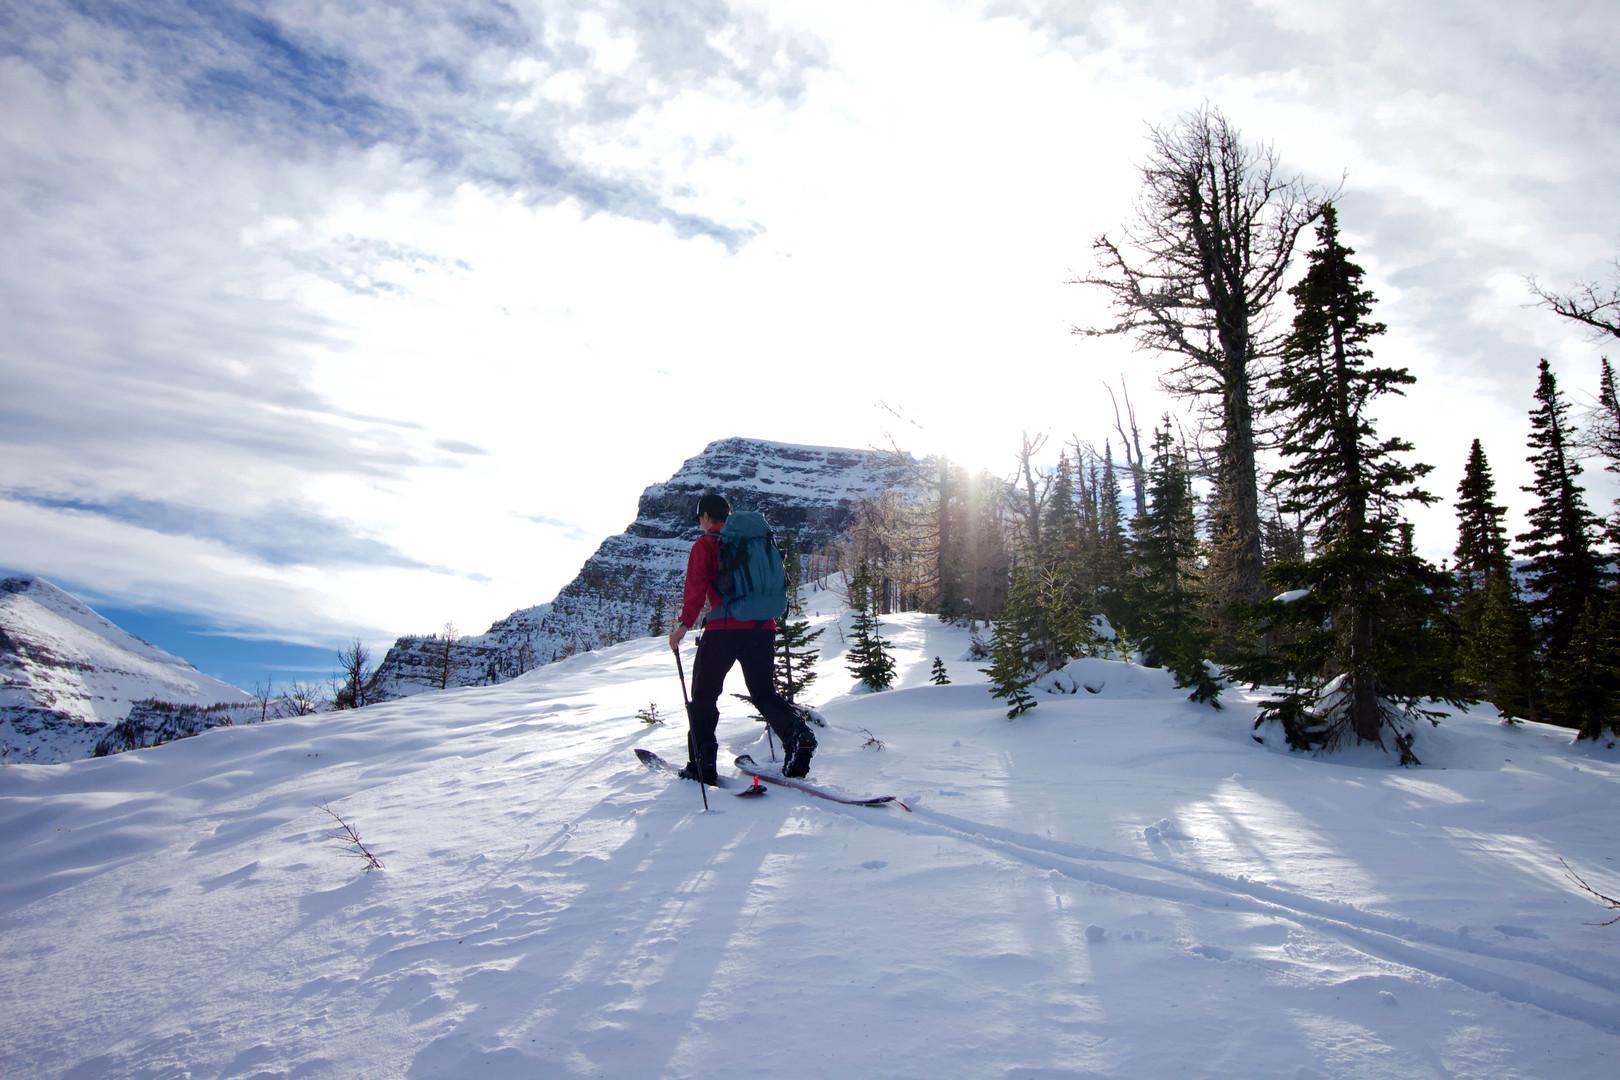 Making our way up forum ridge